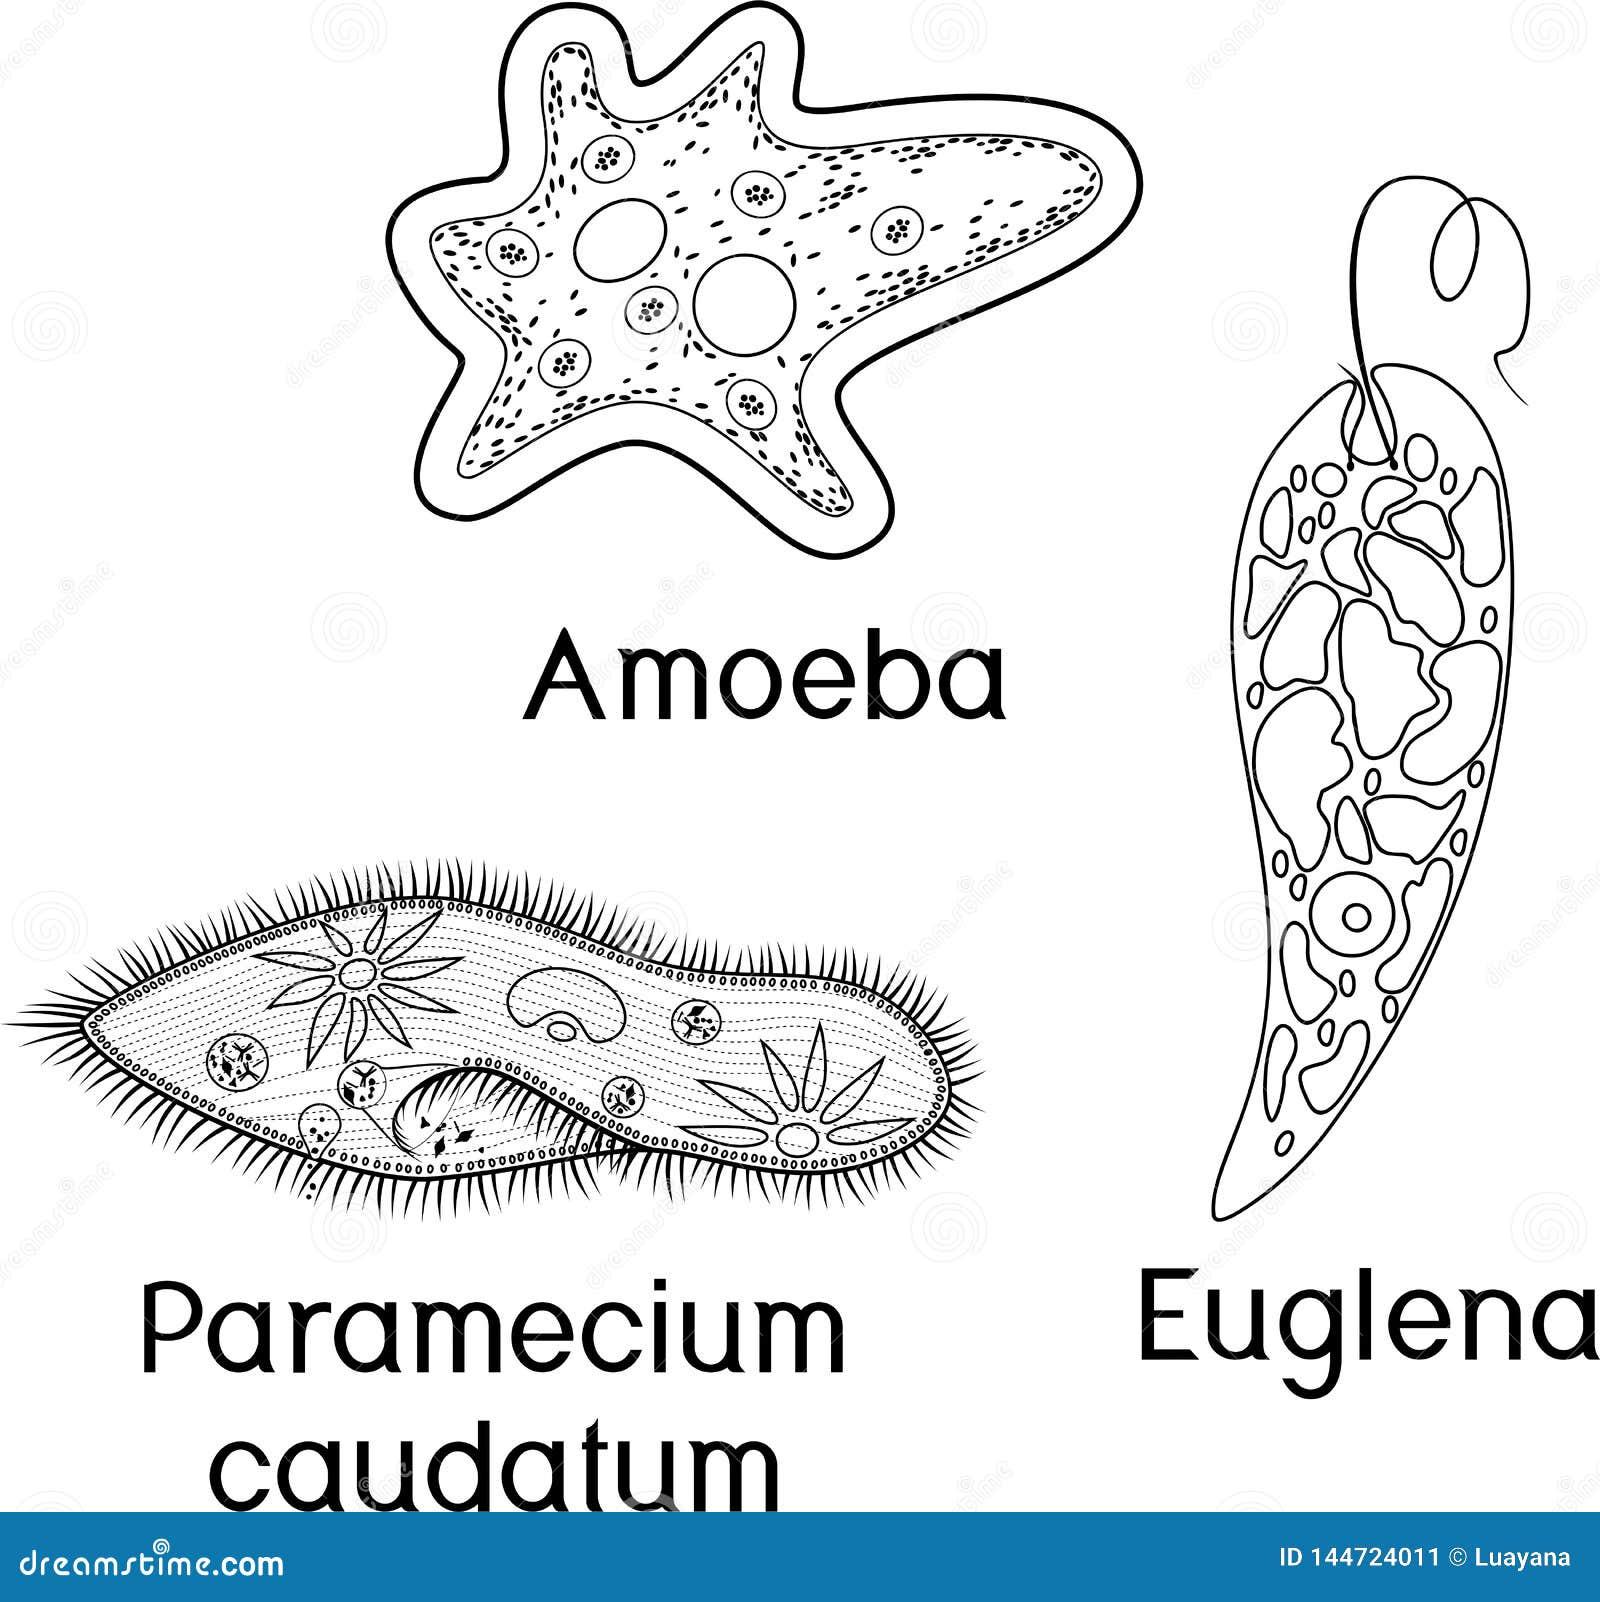 Un parazit disenteric de amoeba. Ameba orală este un parazit